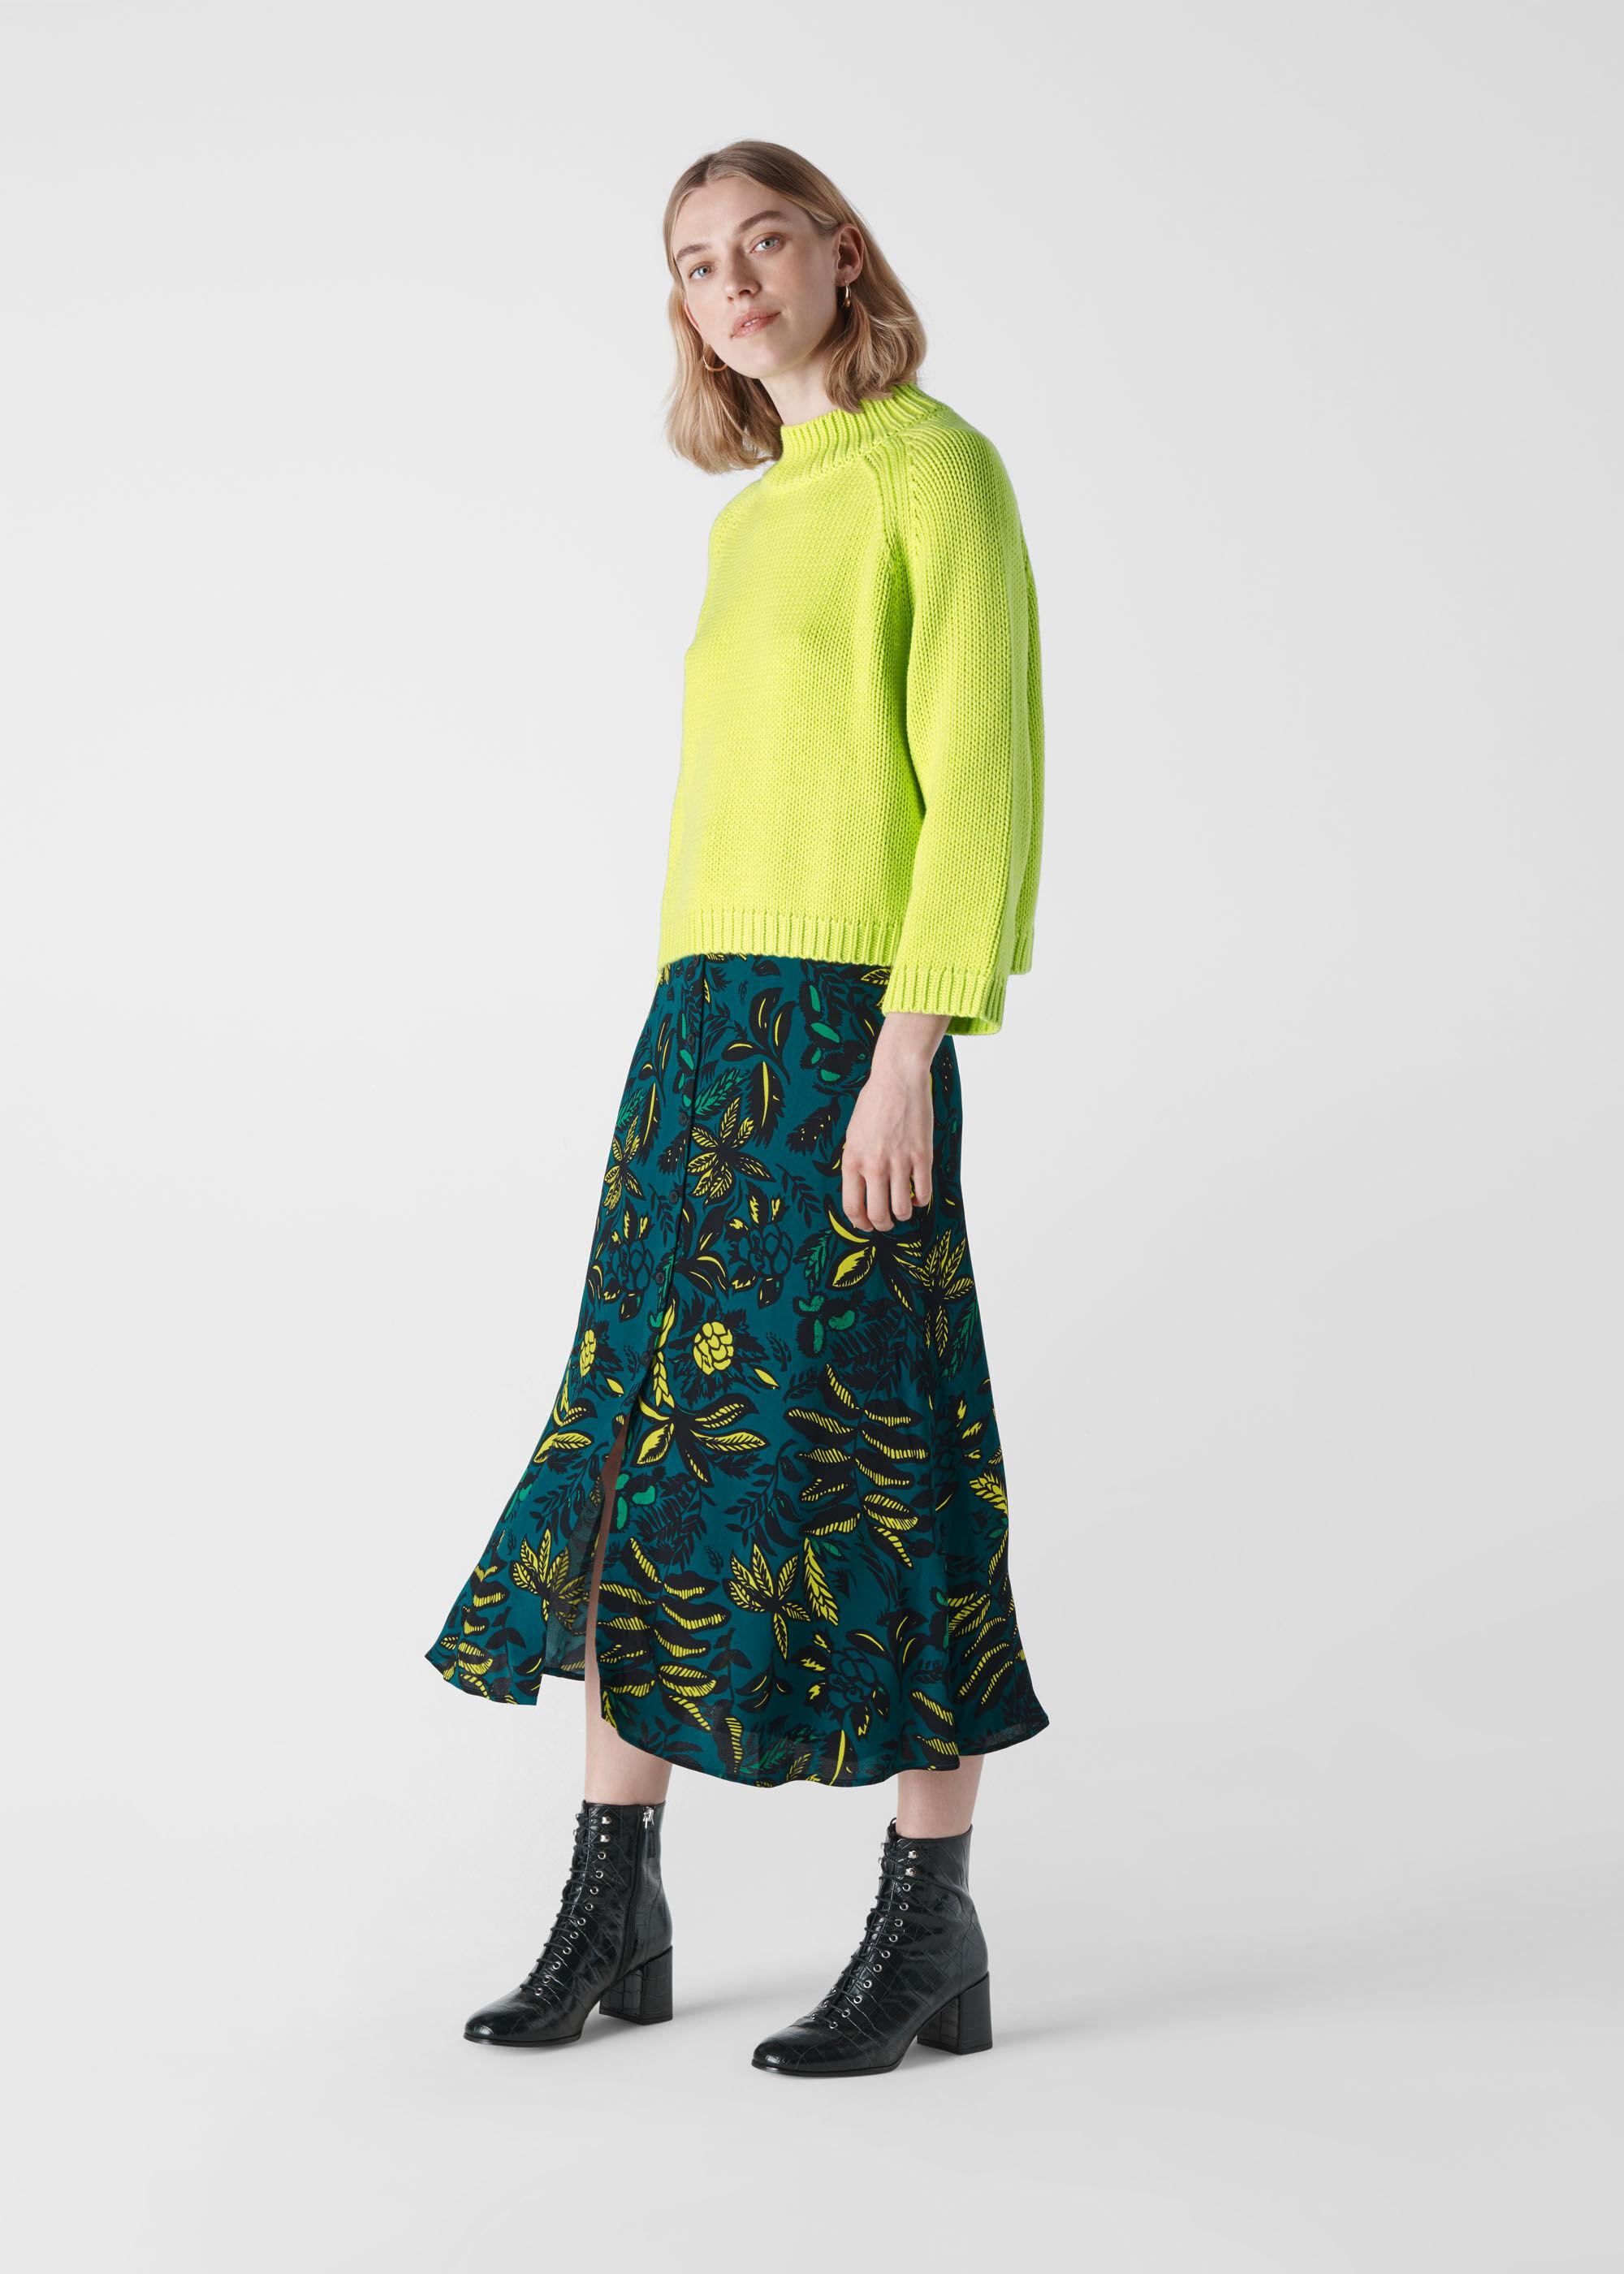 Whistles Women Assorted Leaves Print Skirt